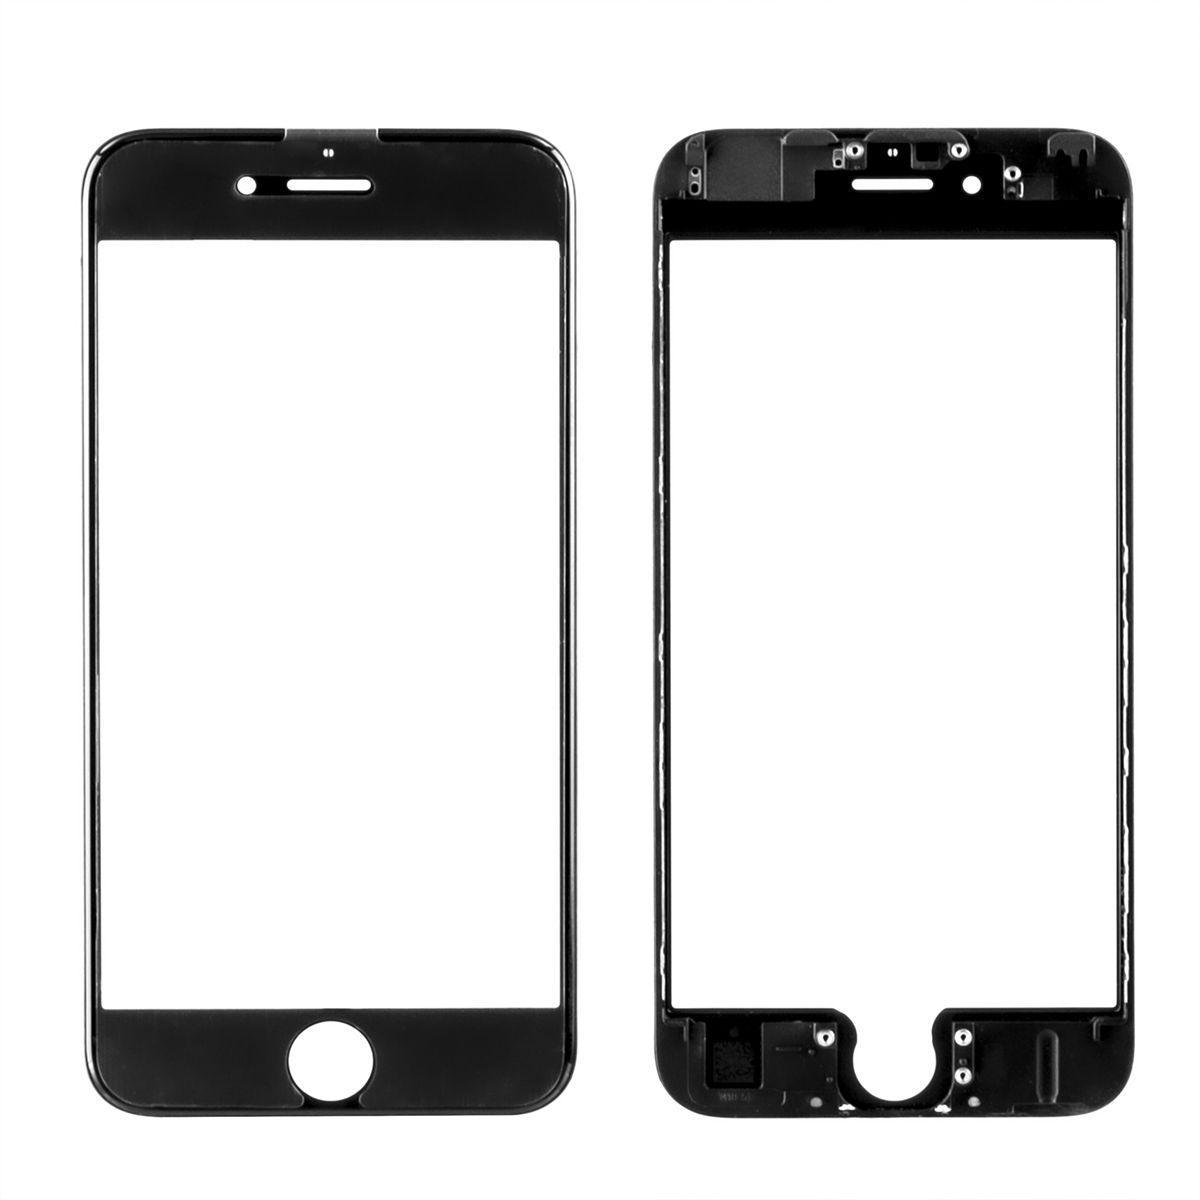 Стекло дисплей для iPhone 6G (3 в 1) с рамкой и OCA пленкой, Black